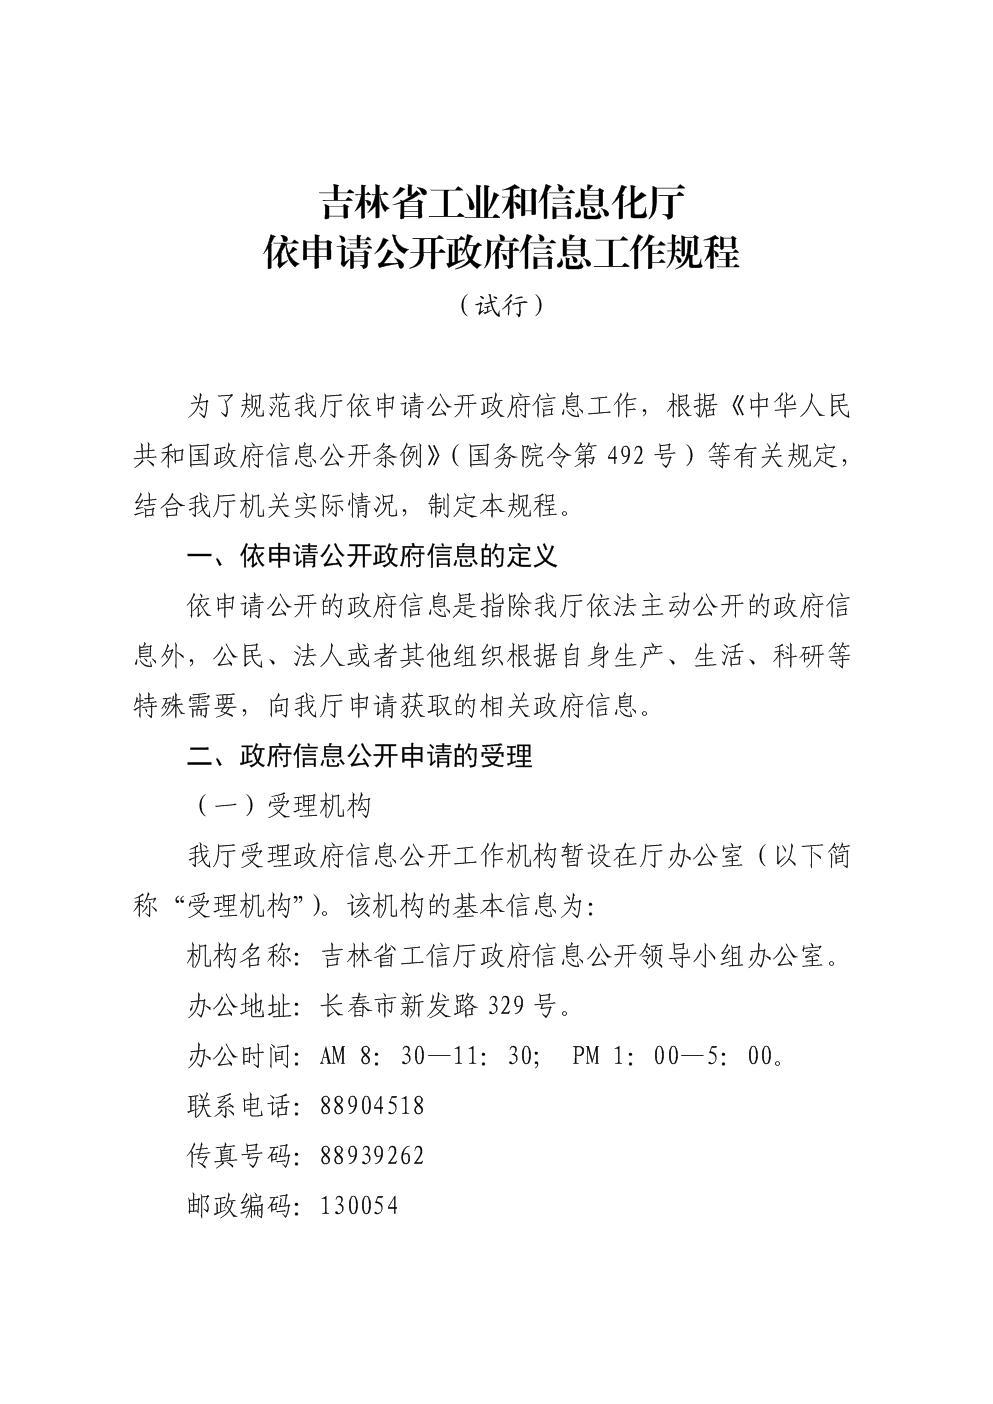 吉林省教育厅依申请公开政府信息工作规程(试行).doc